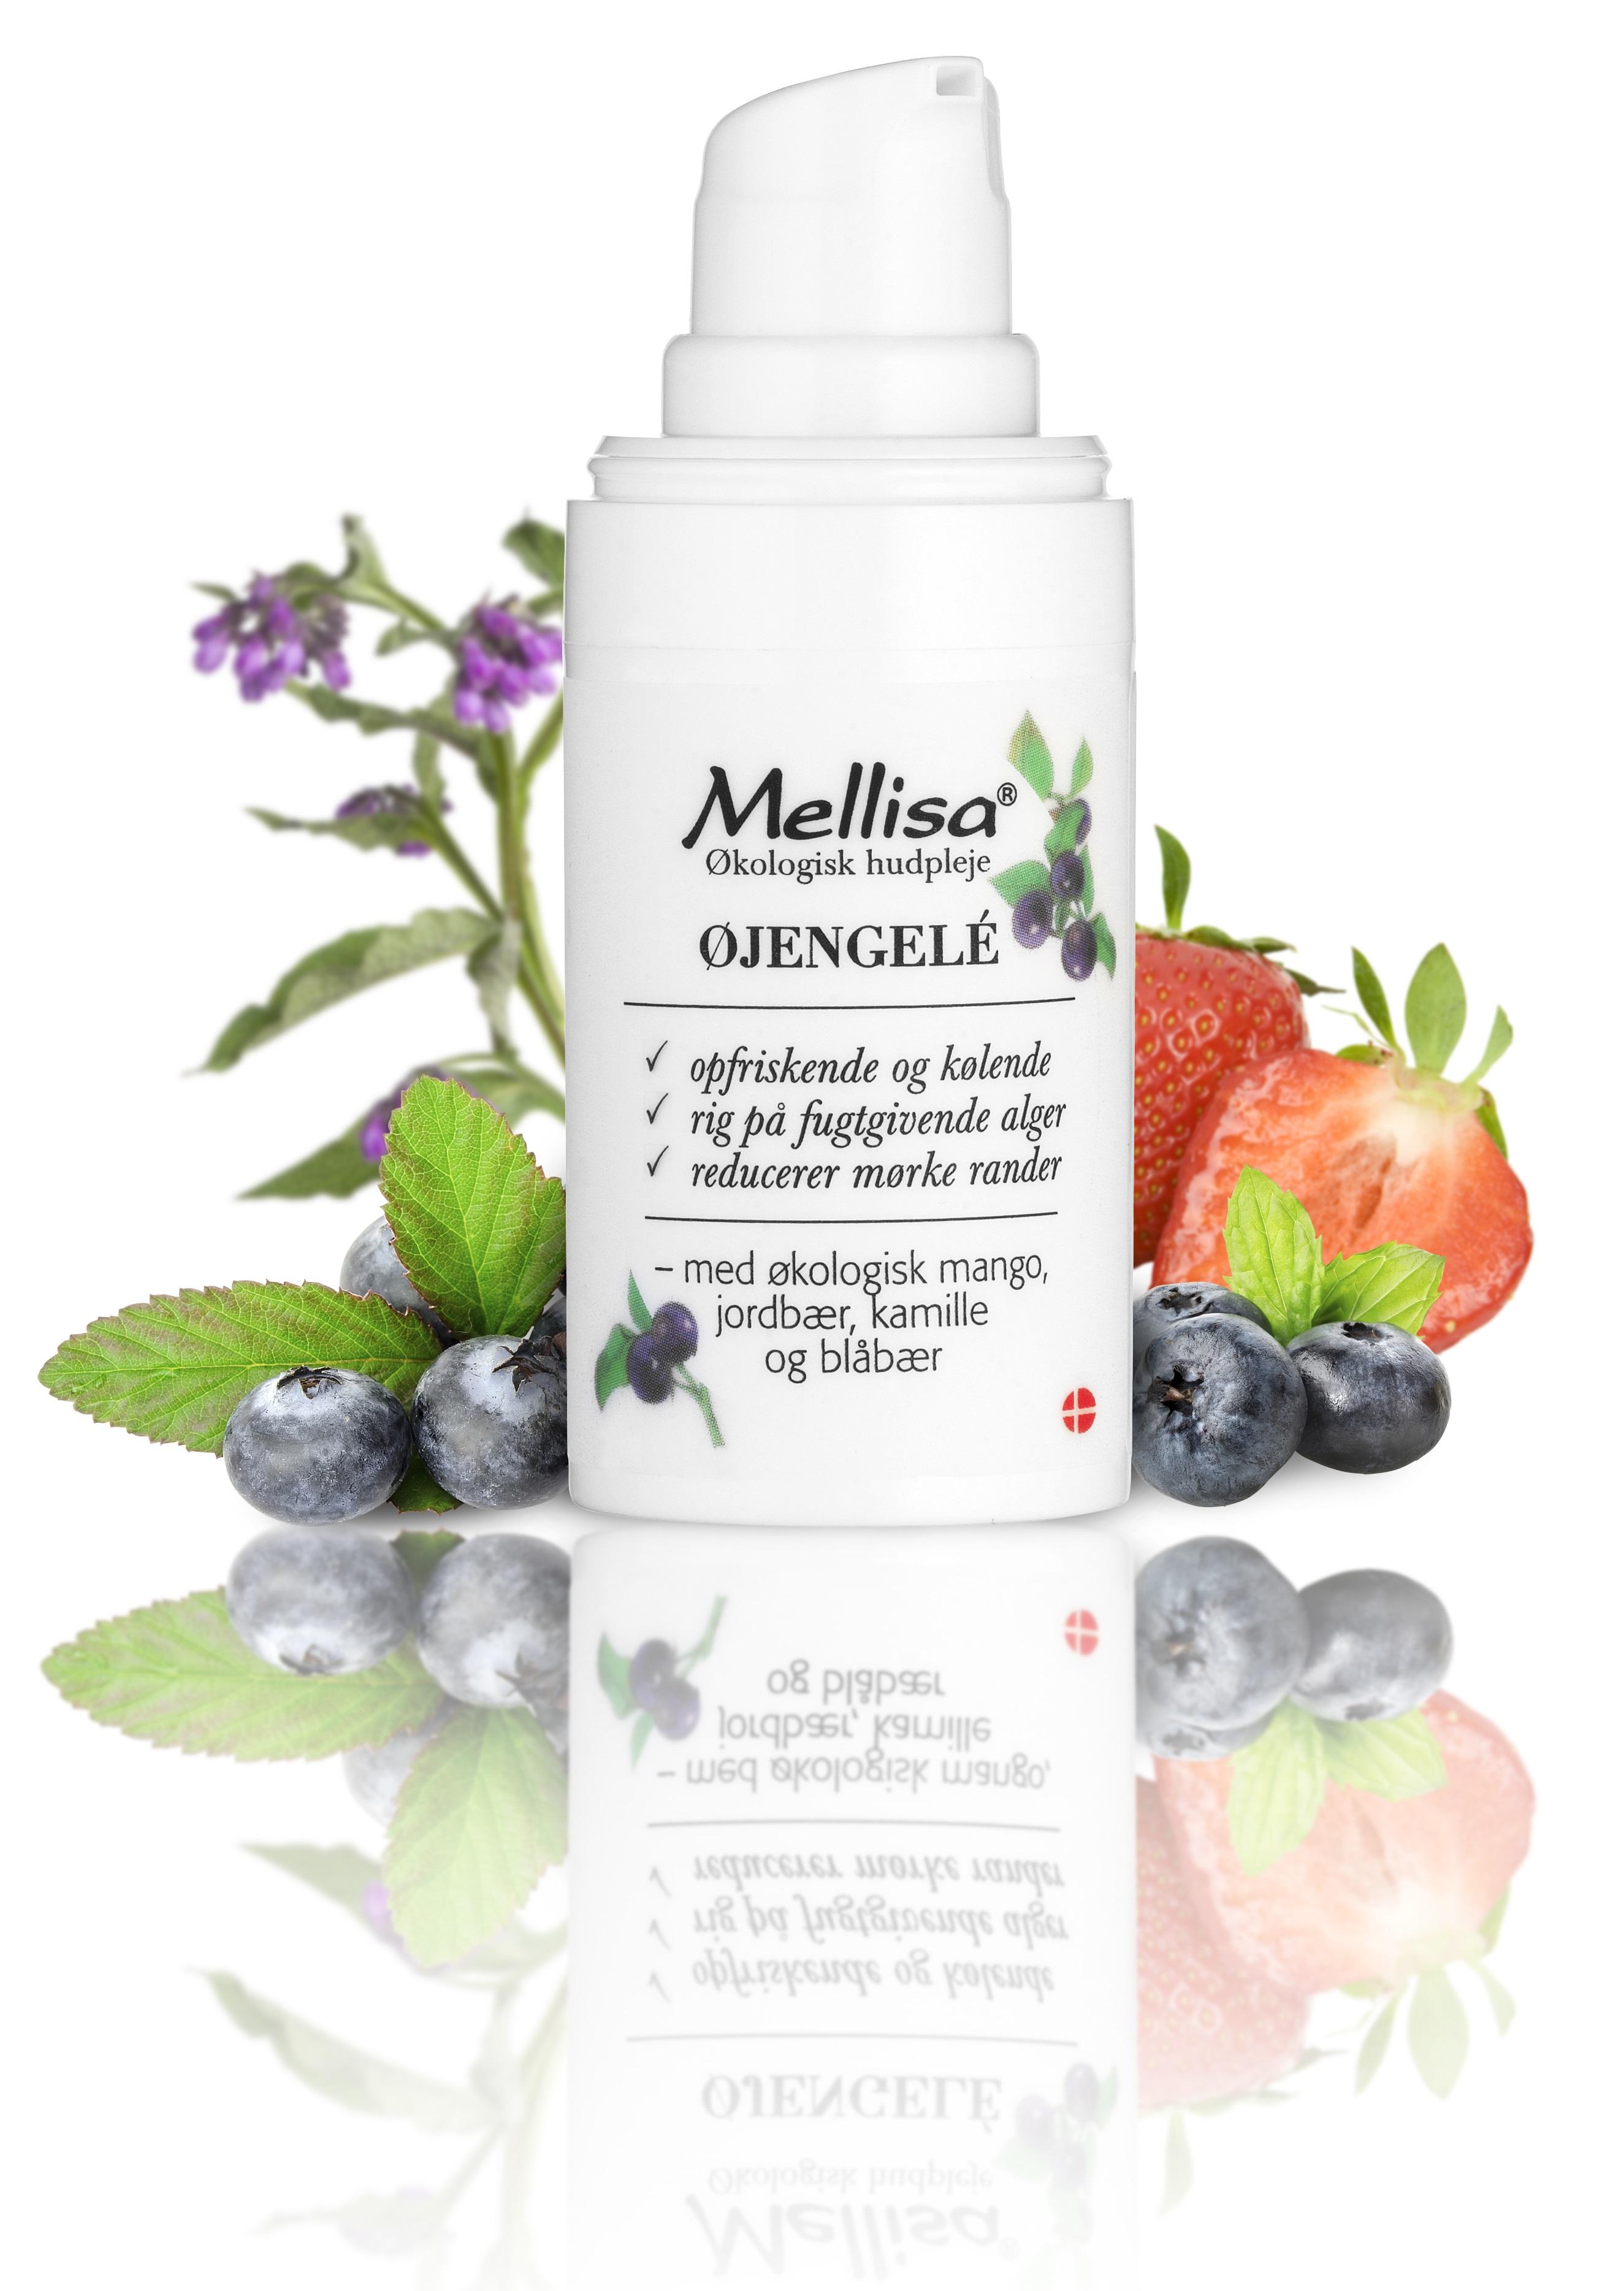 Billede af Mellisa Øjengele m. mango, kamille og blåbær - 15 ml